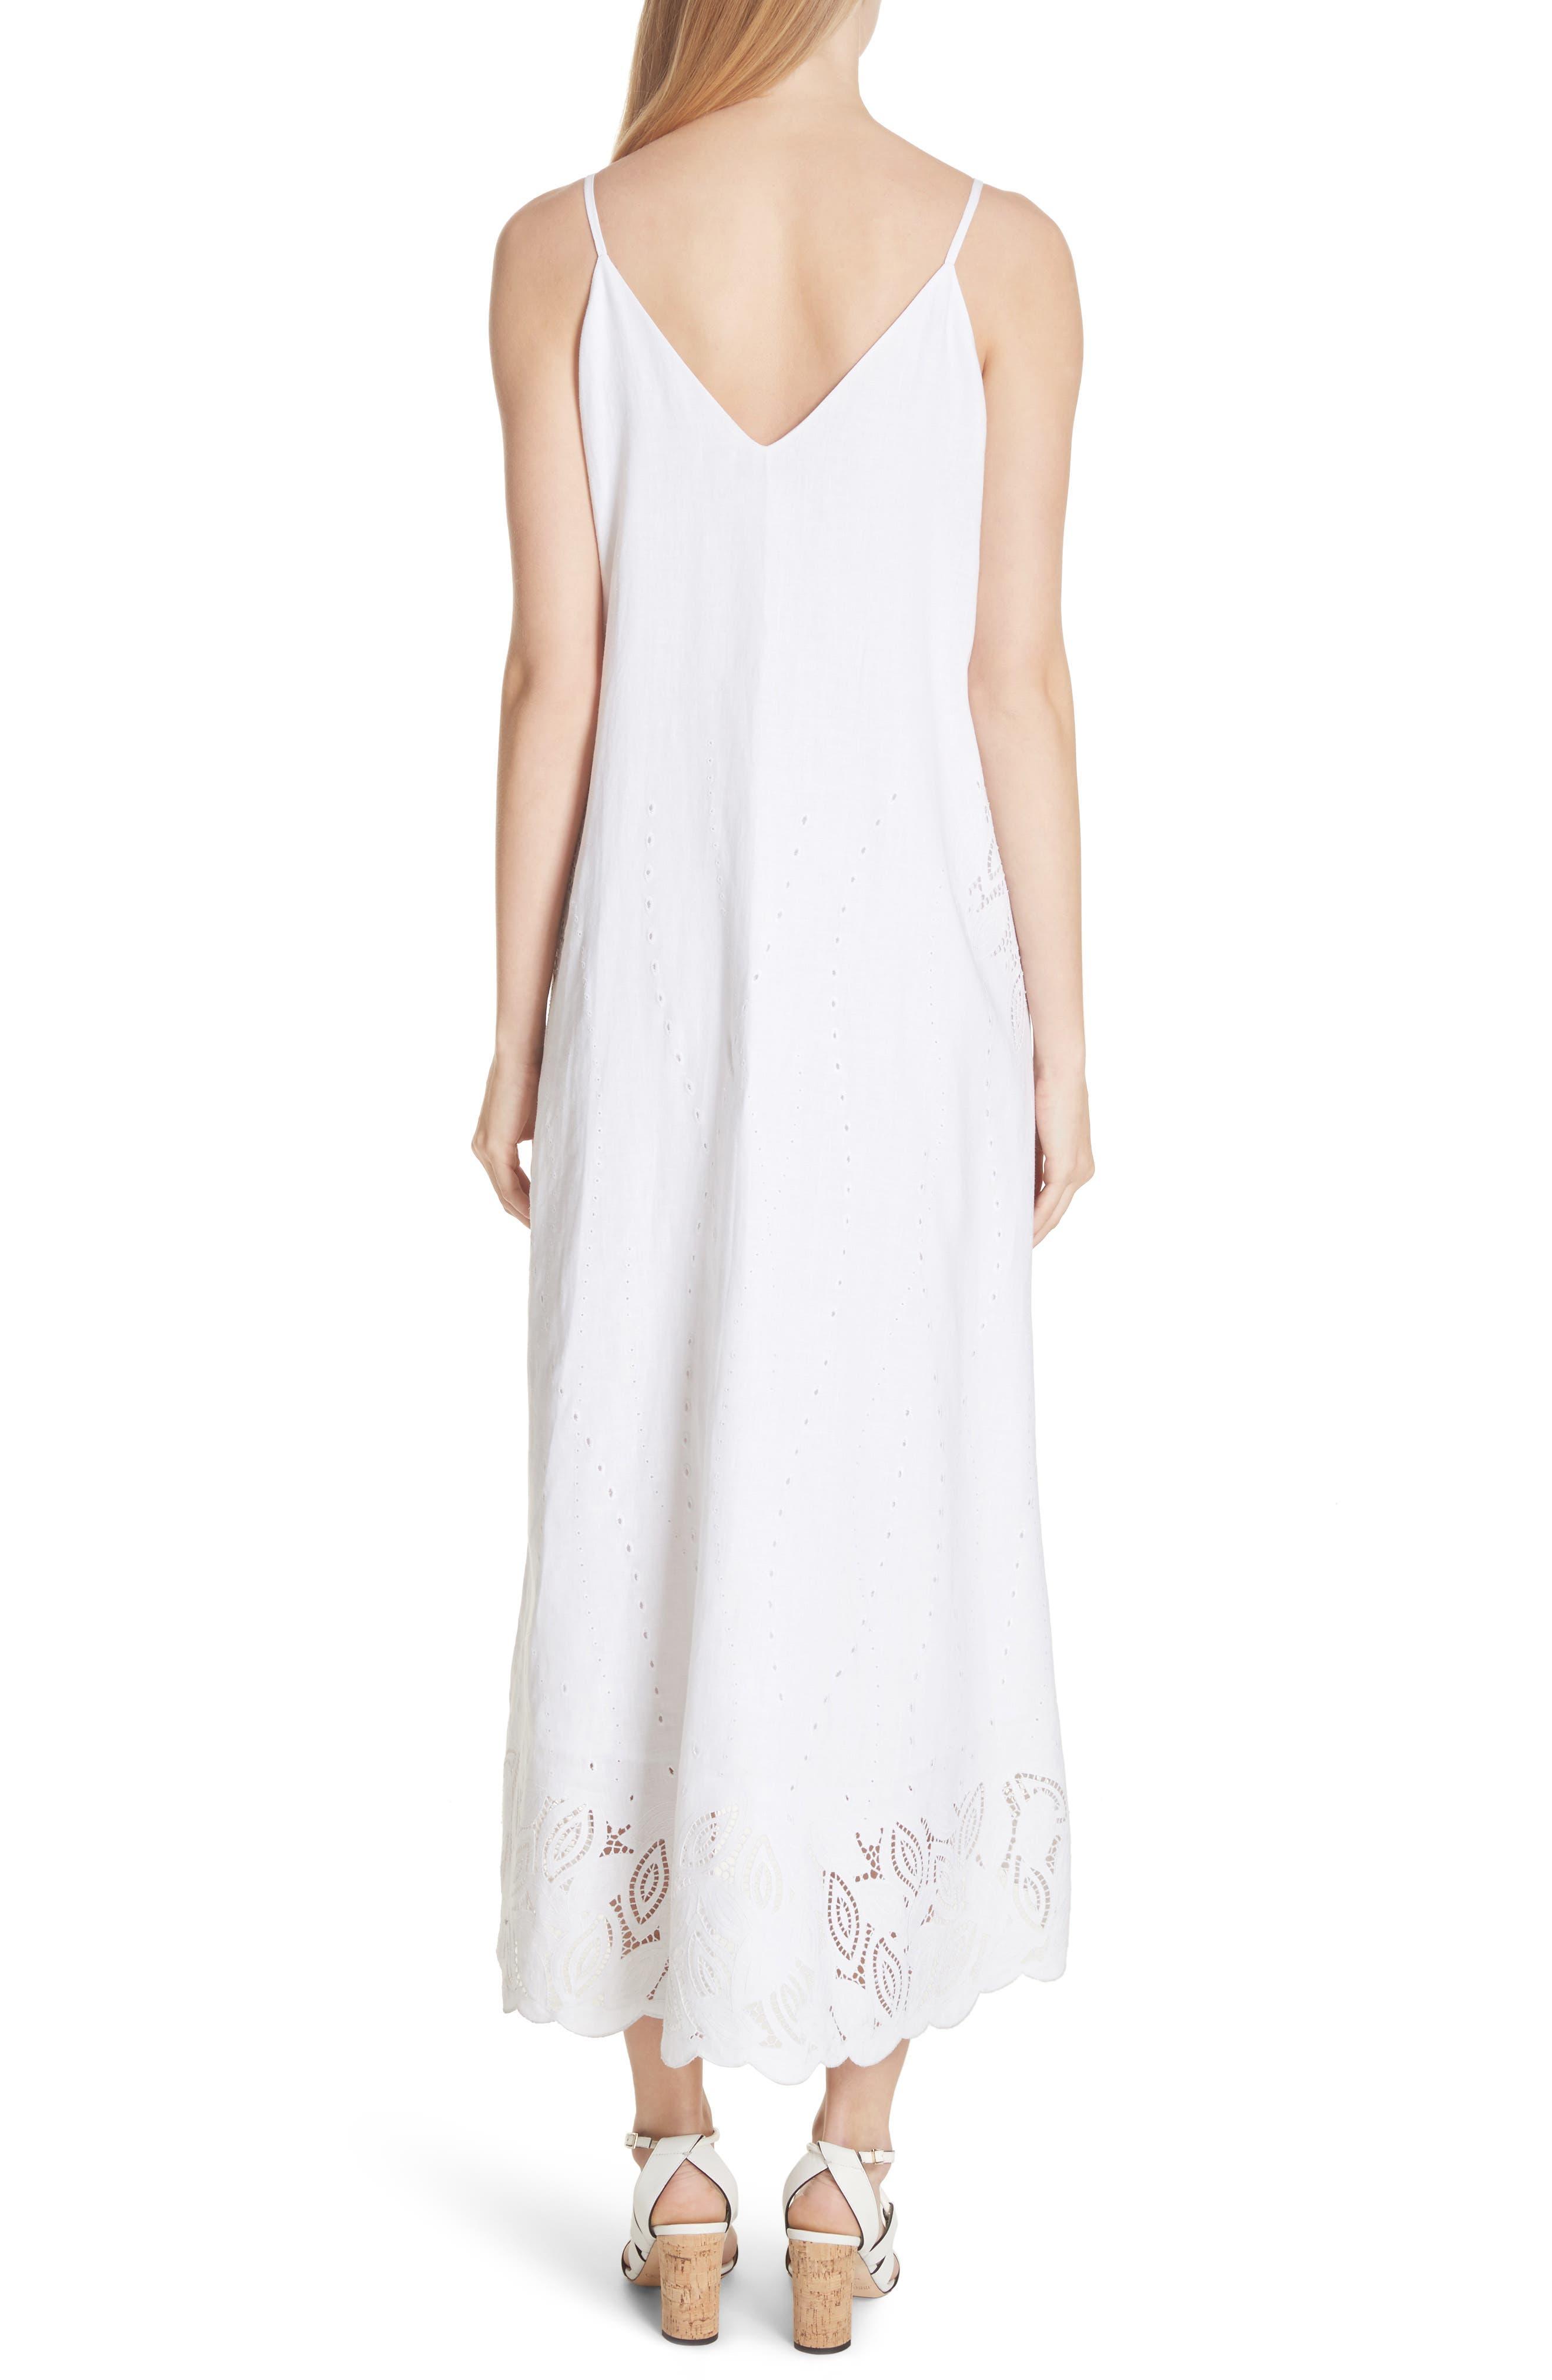 Dominique Linen Cutwork Dress,                             Alternate thumbnail 2, color,                             100